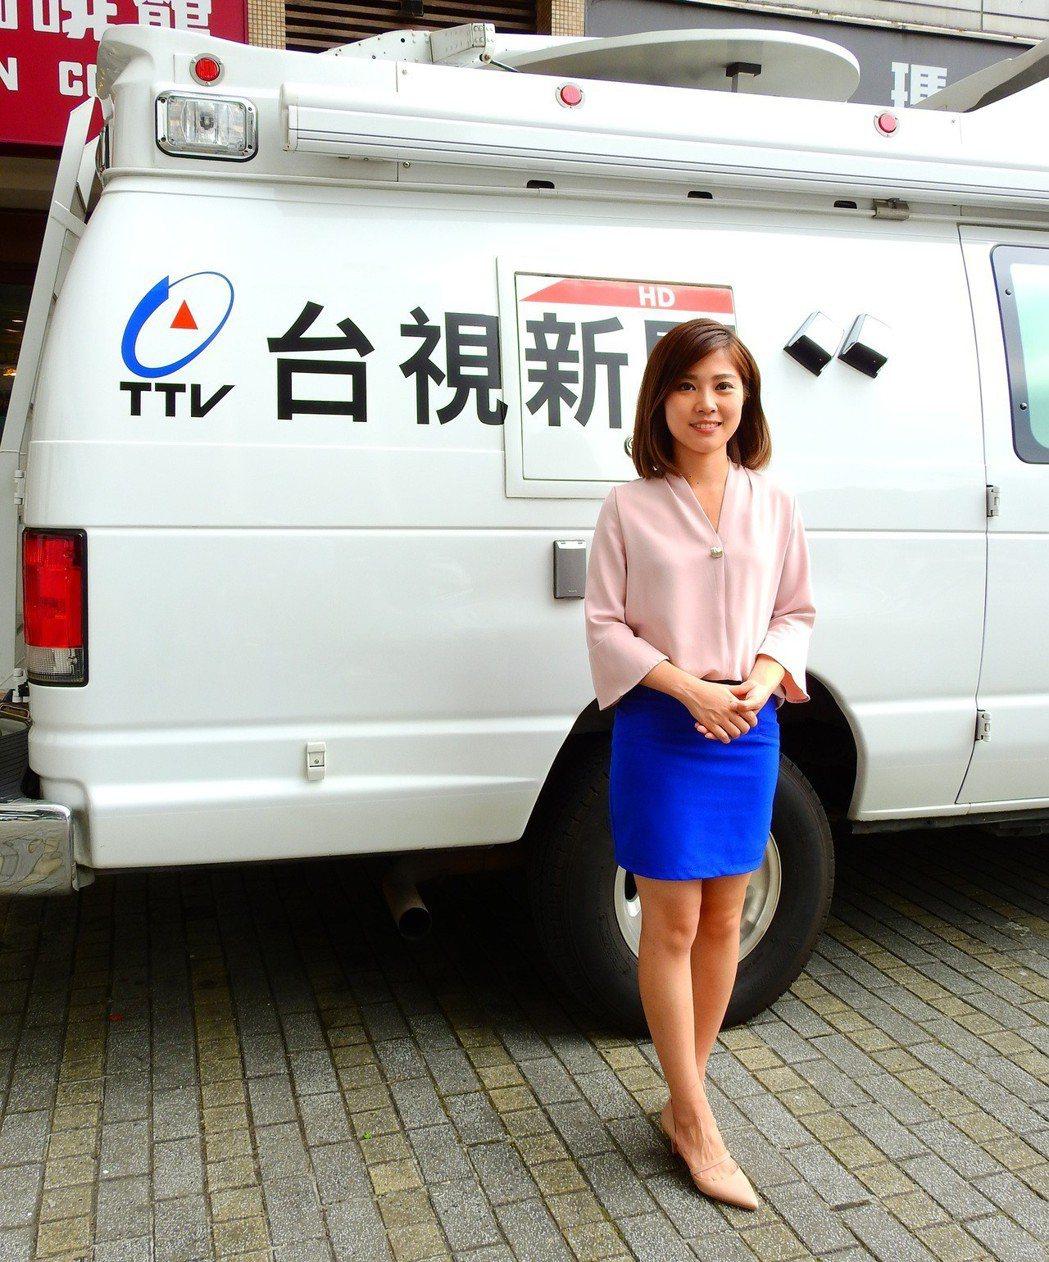 台視主播周璟瑜到韓國採訪眾所矚目的文金會。圖/台視提供